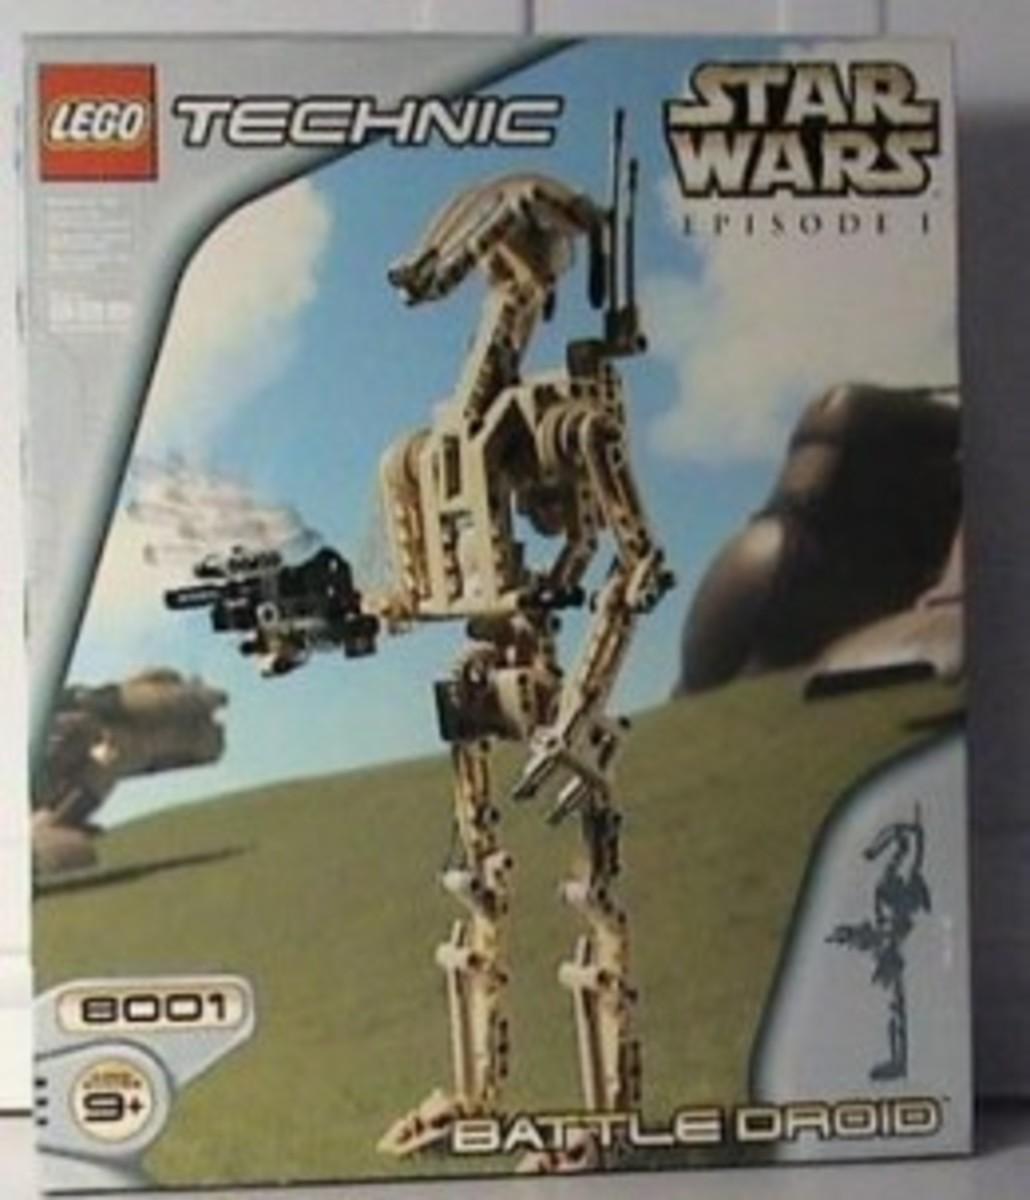 Lego Star Wars Battle Droid 8001 Box